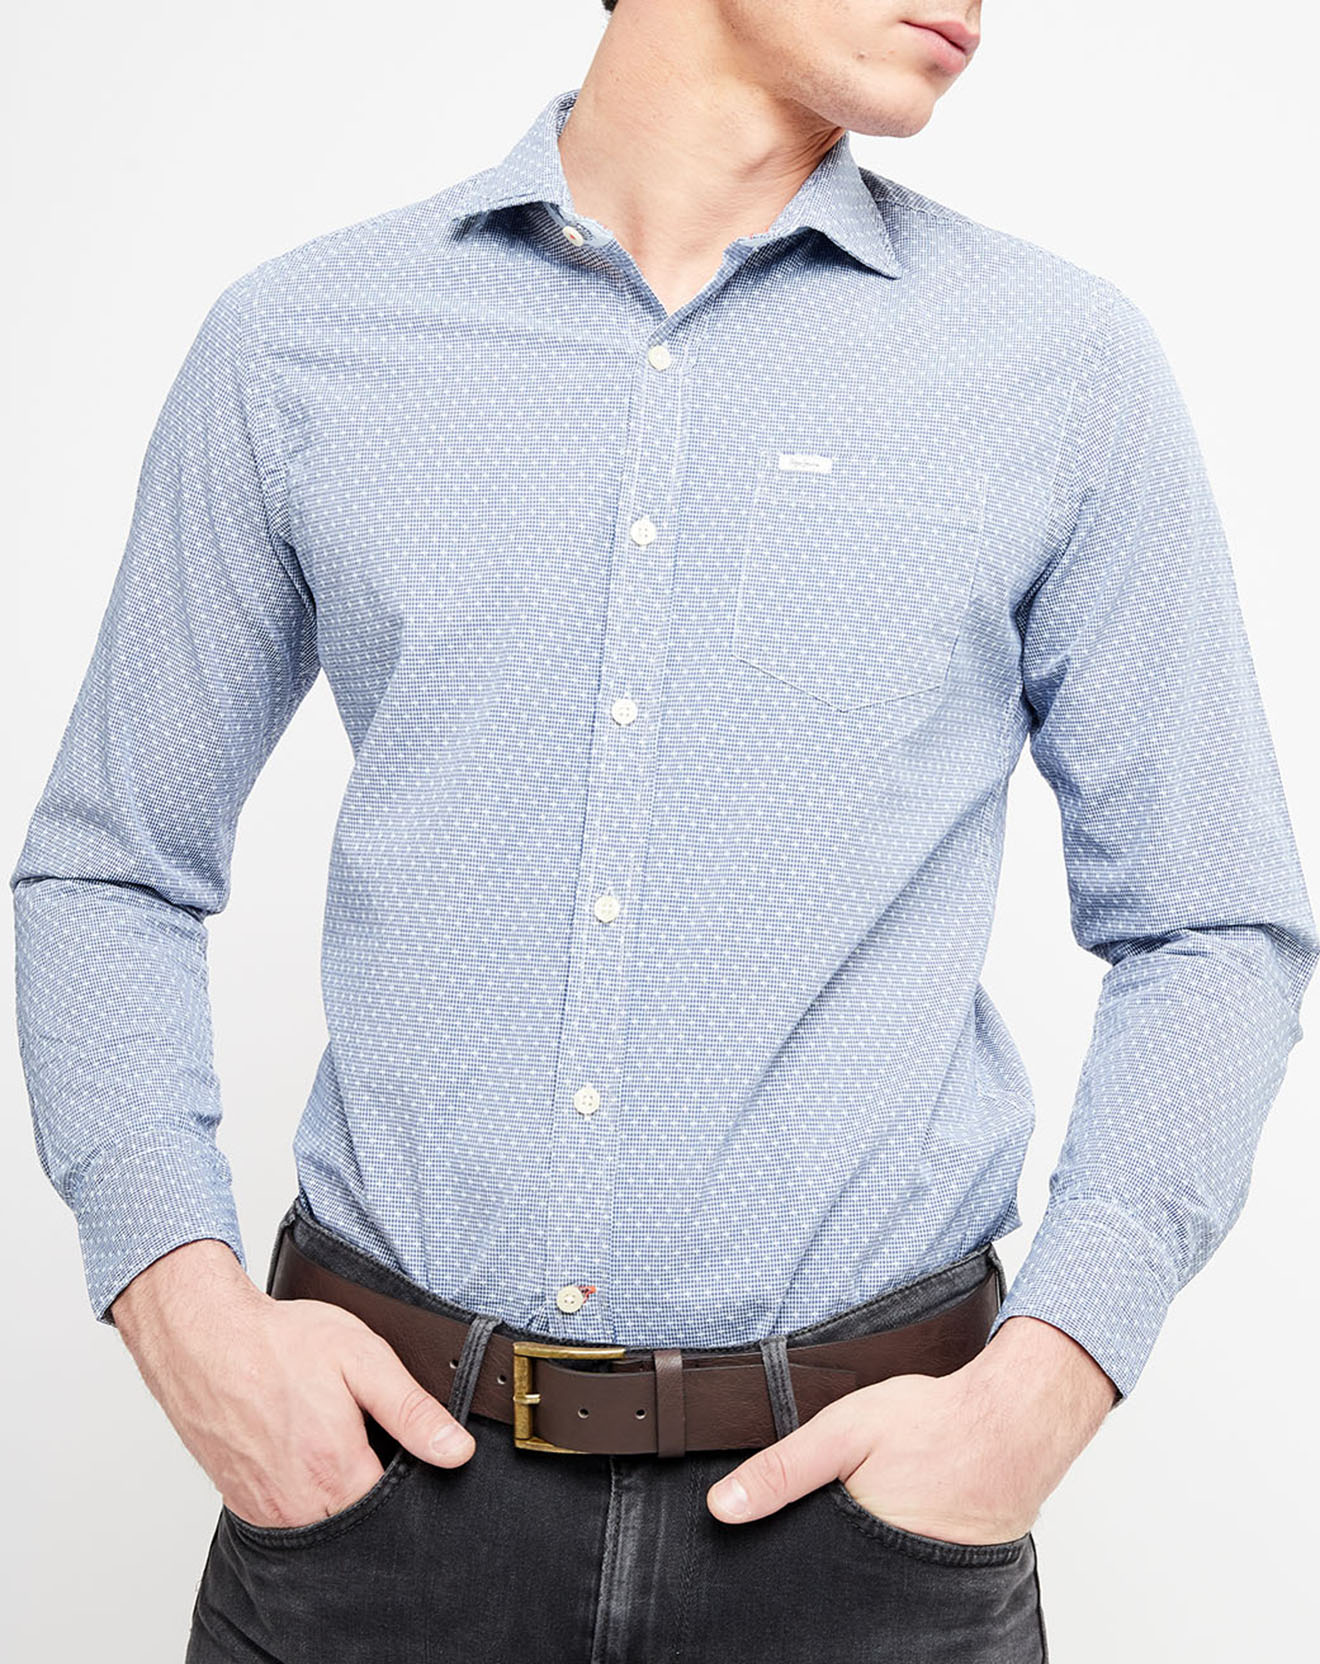 Chemise droite Monclova imprimée bleue - Pepe Jeans - Modalova